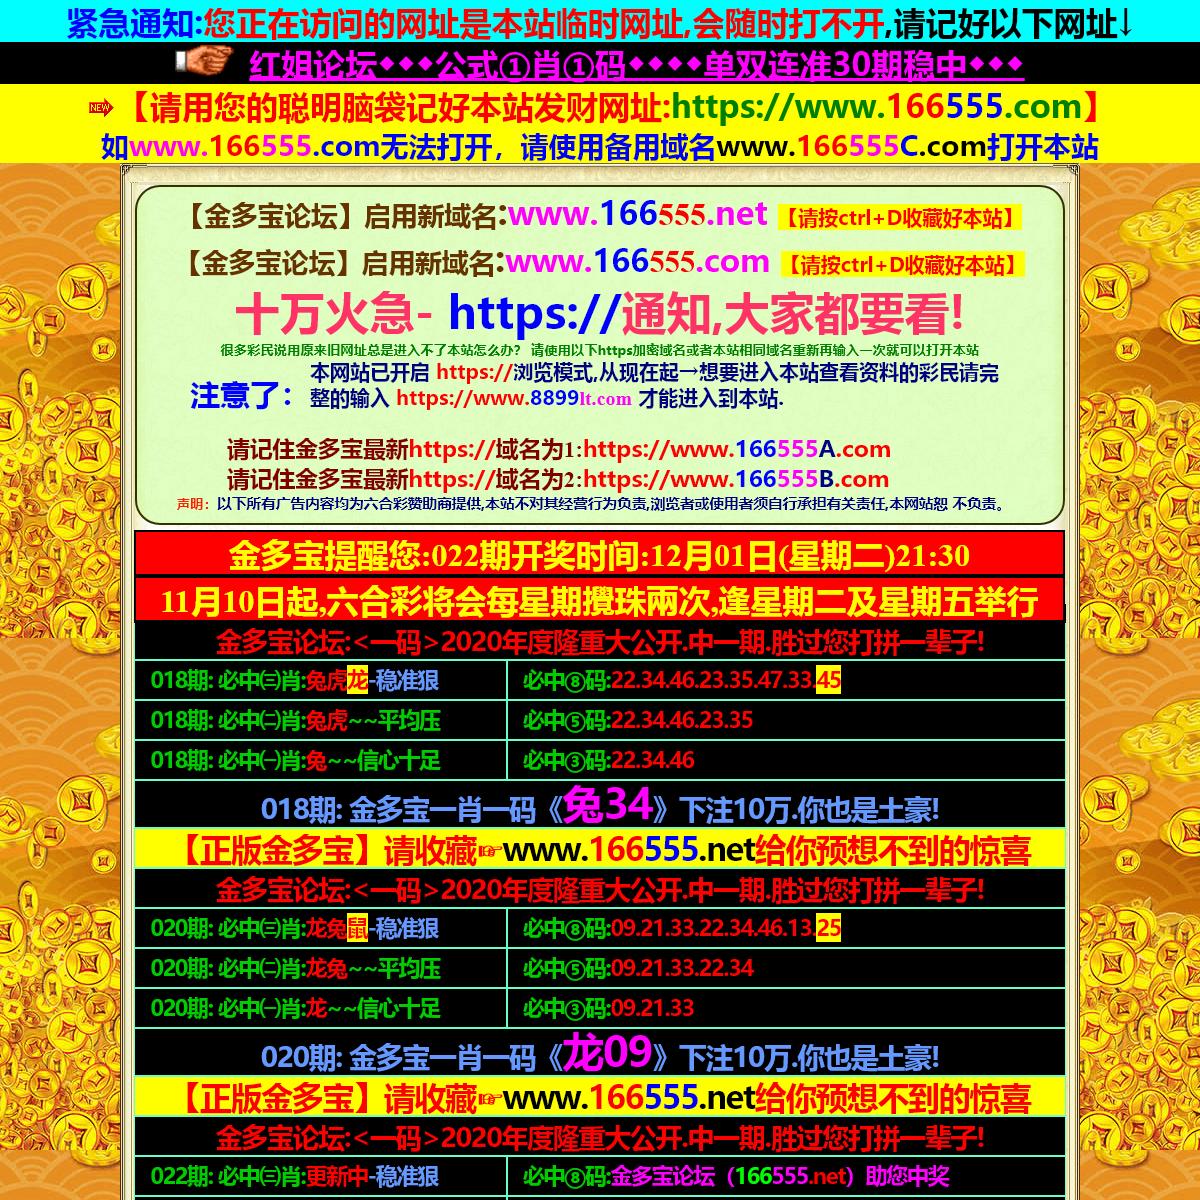 财神高手论坛,3387699.com,4749铁算盘,4749香港挂牌,833999铁算盘